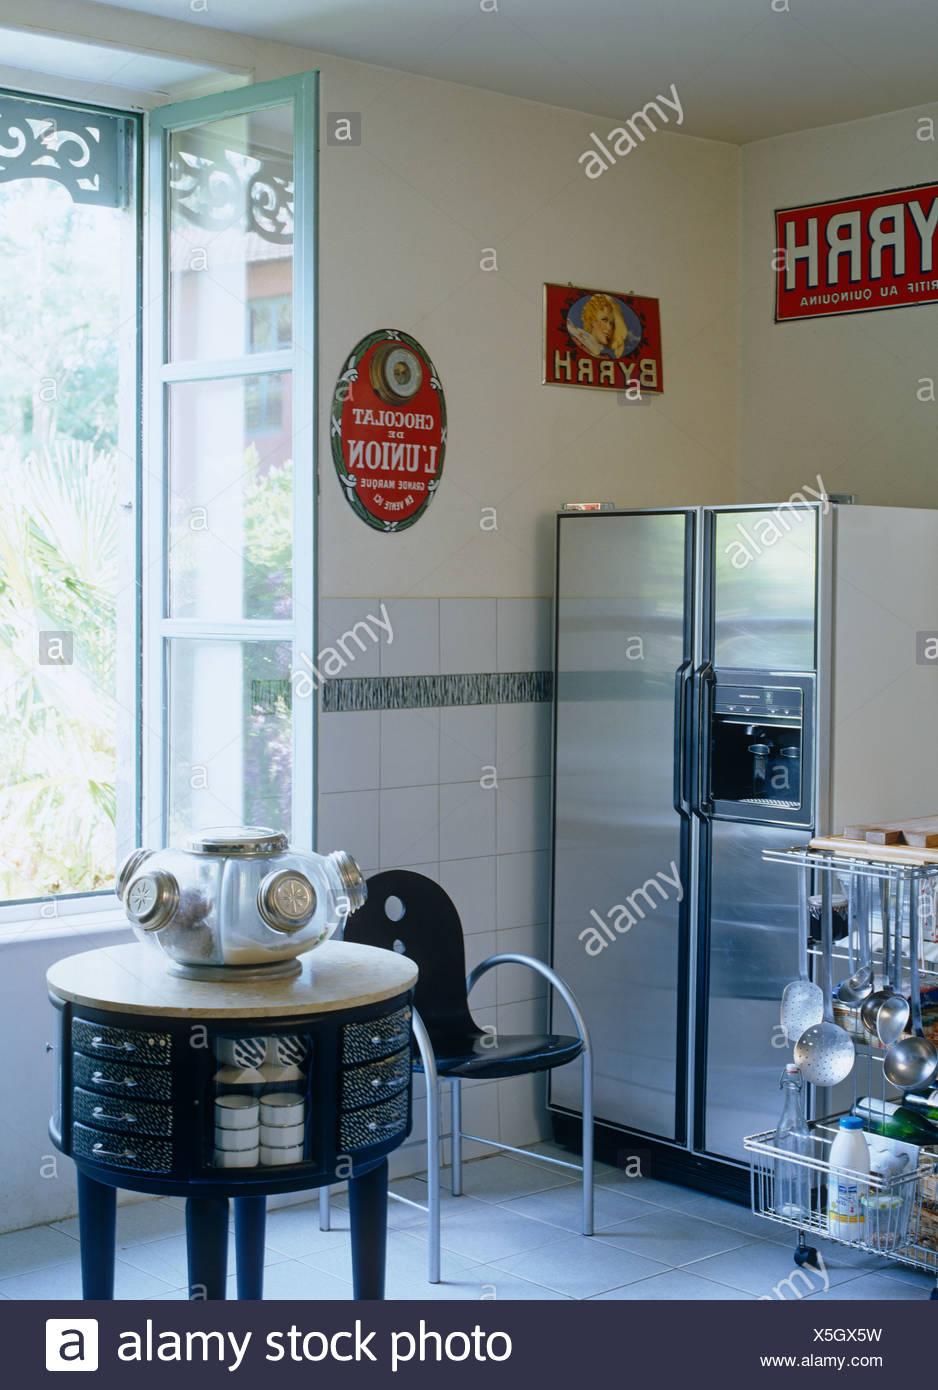 Acciaio inossidabile dispensa frigorifero in un angolo della moderna ...